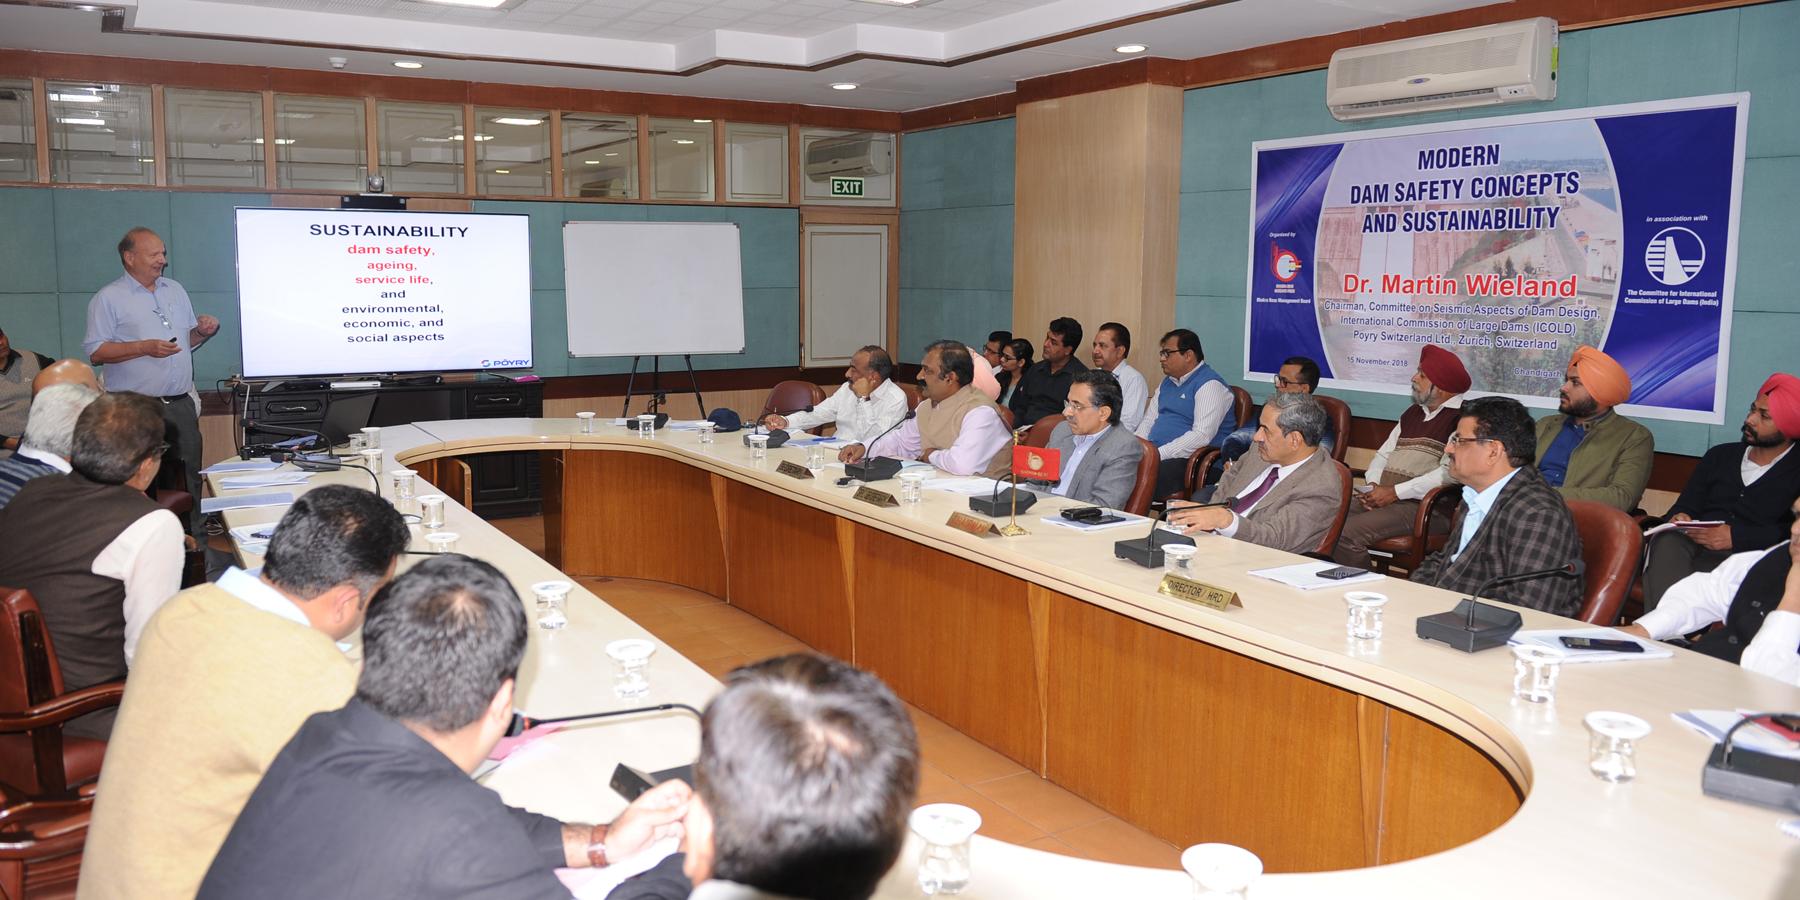 बीबीएमबी द्वारा आधुनिक बांध सुरक्षा अवधारणाओं और सस्टेनेबिलिटी पर एक व्याख्यान का आयोजन